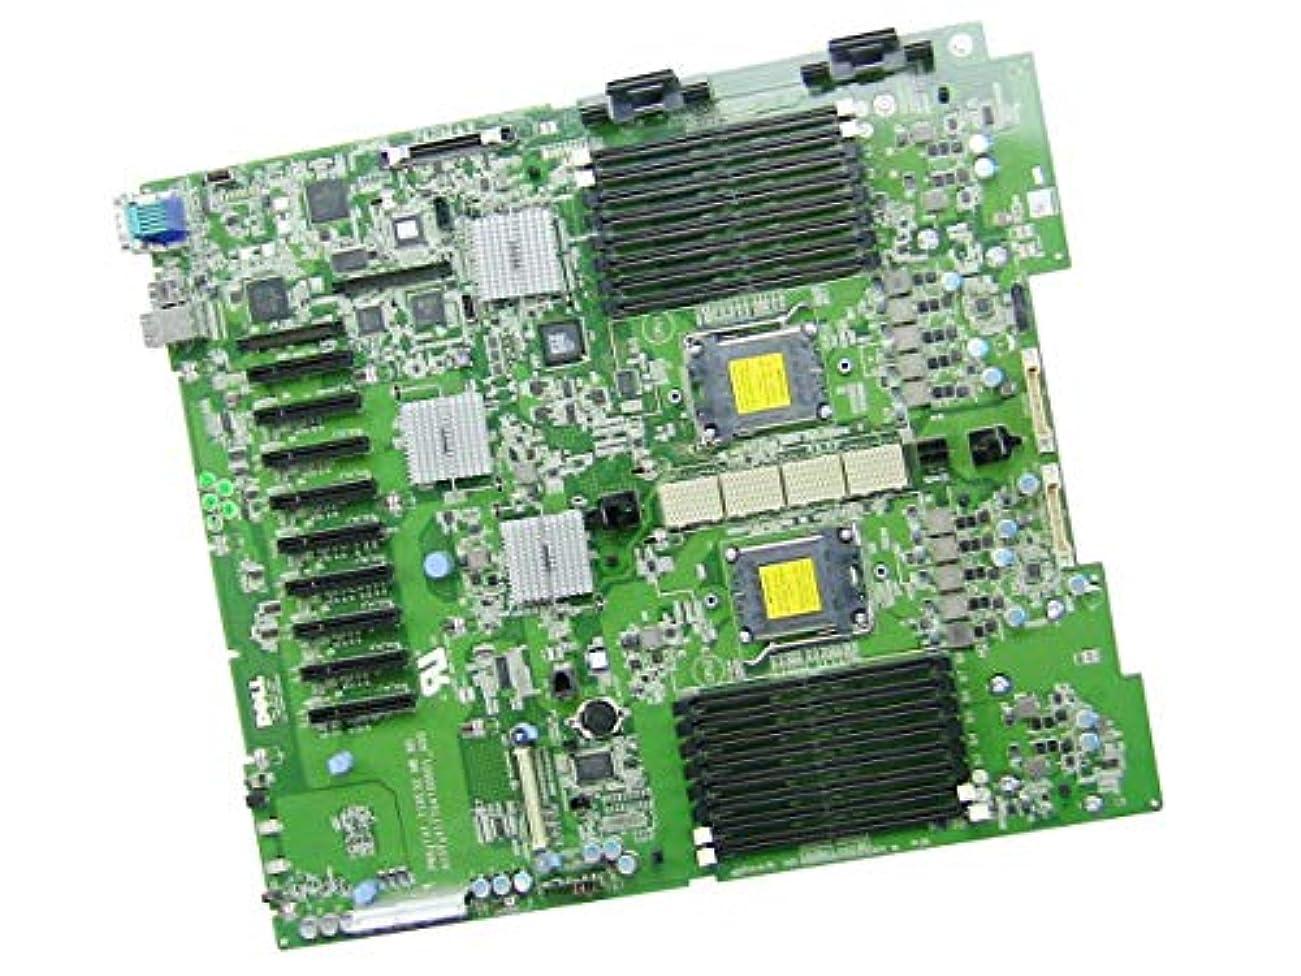 可能にする会話気体のEbidDealz CN-0K552T PowerEdge R905 サーバーソケット4マザーボード Y114J C557J K552T